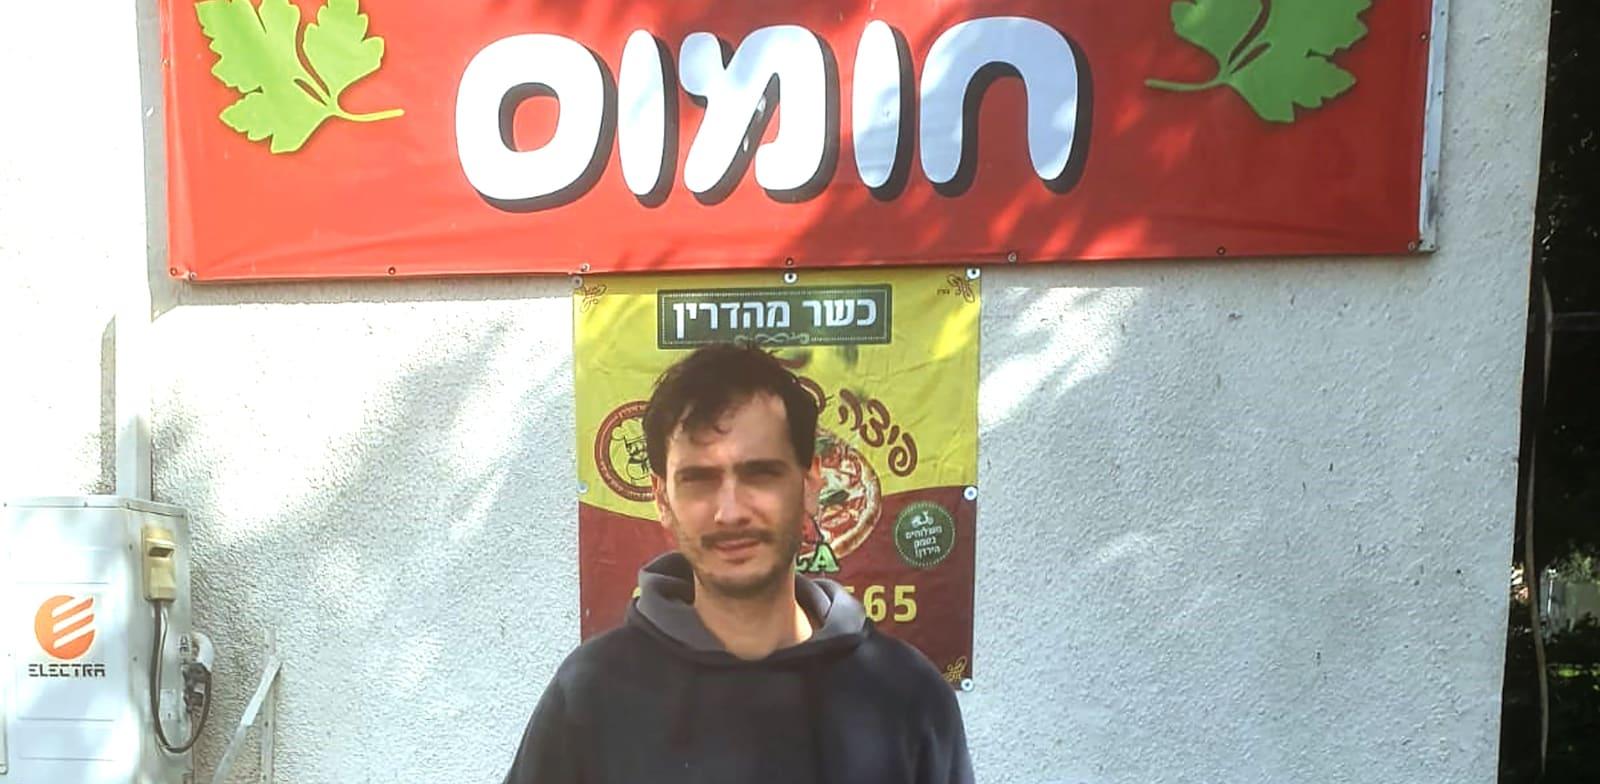 """יוסי לינדר, הבעלים של """"יוסי של חומוס"""" / צילום: תמונה פרטית"""